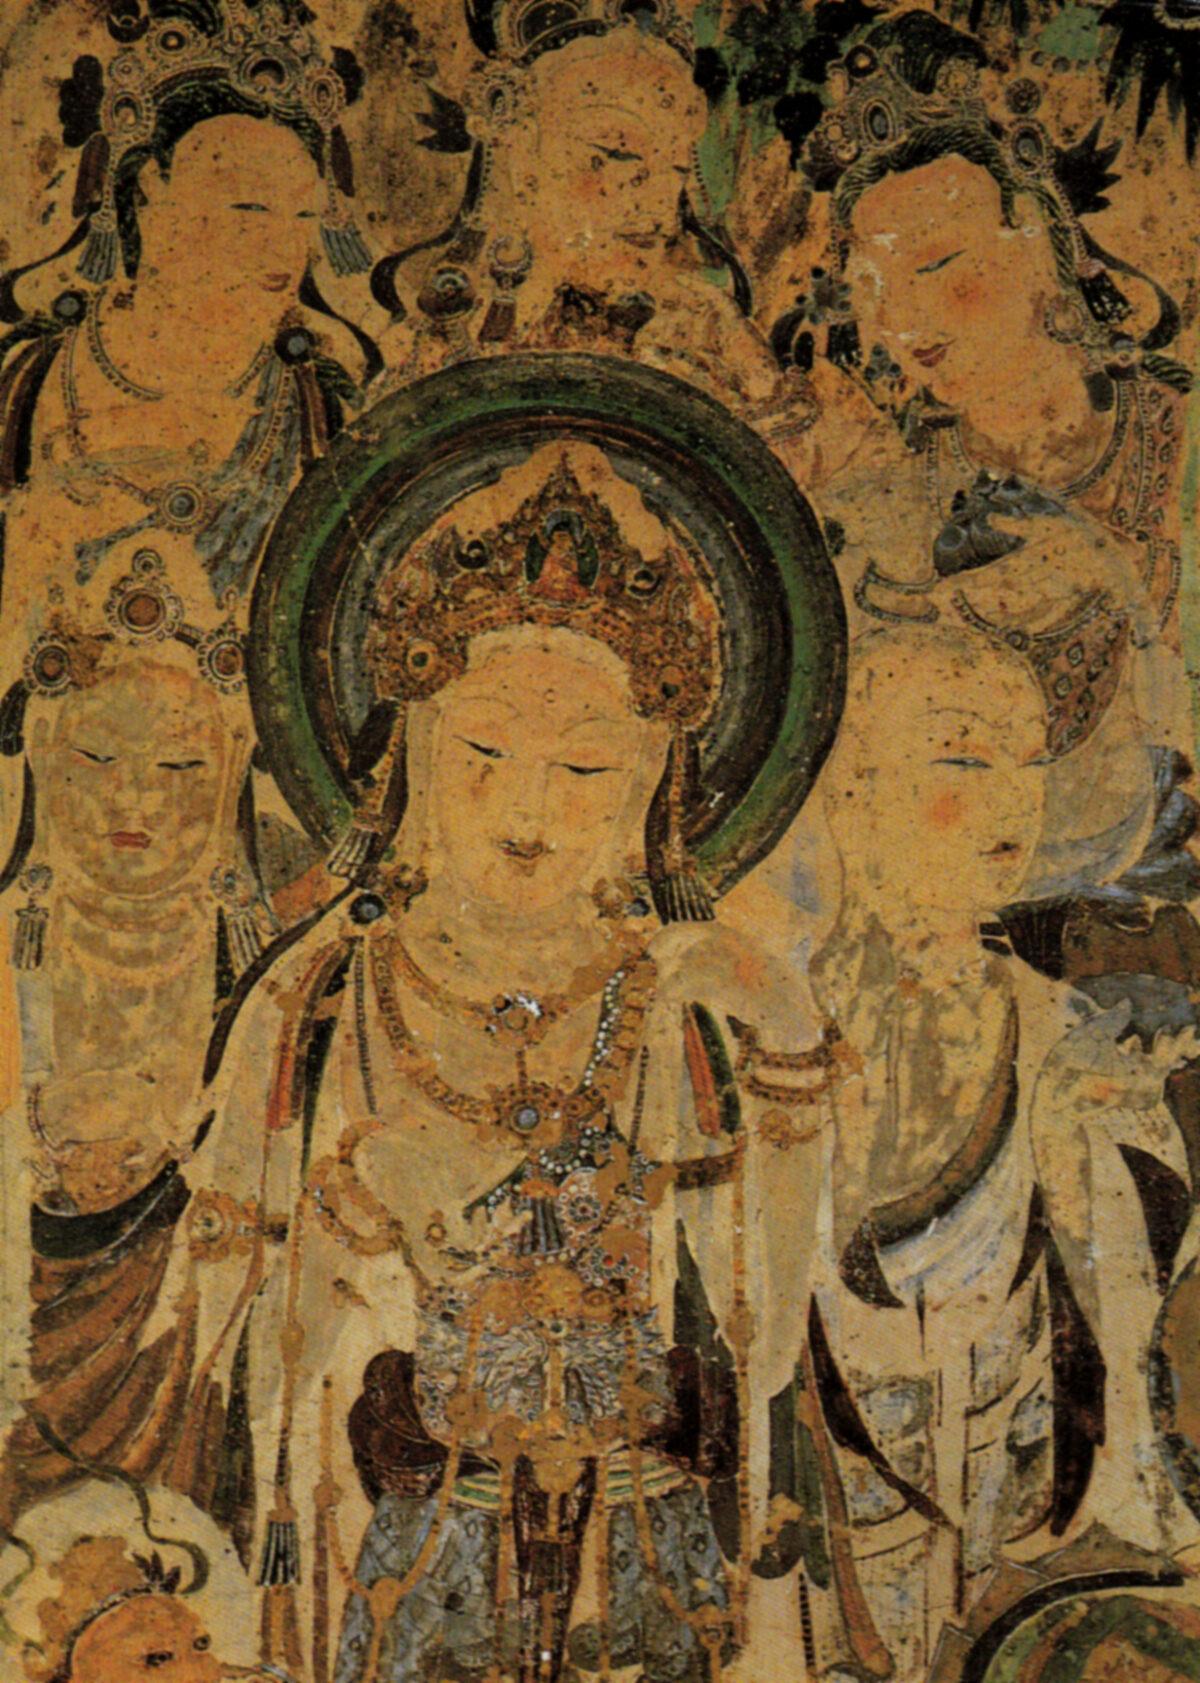 Mural de Avolokitesevara, cultuando Bodhisattvas e Mendicant. Dinastia Tang, A.D. 618-907 (US-PD)